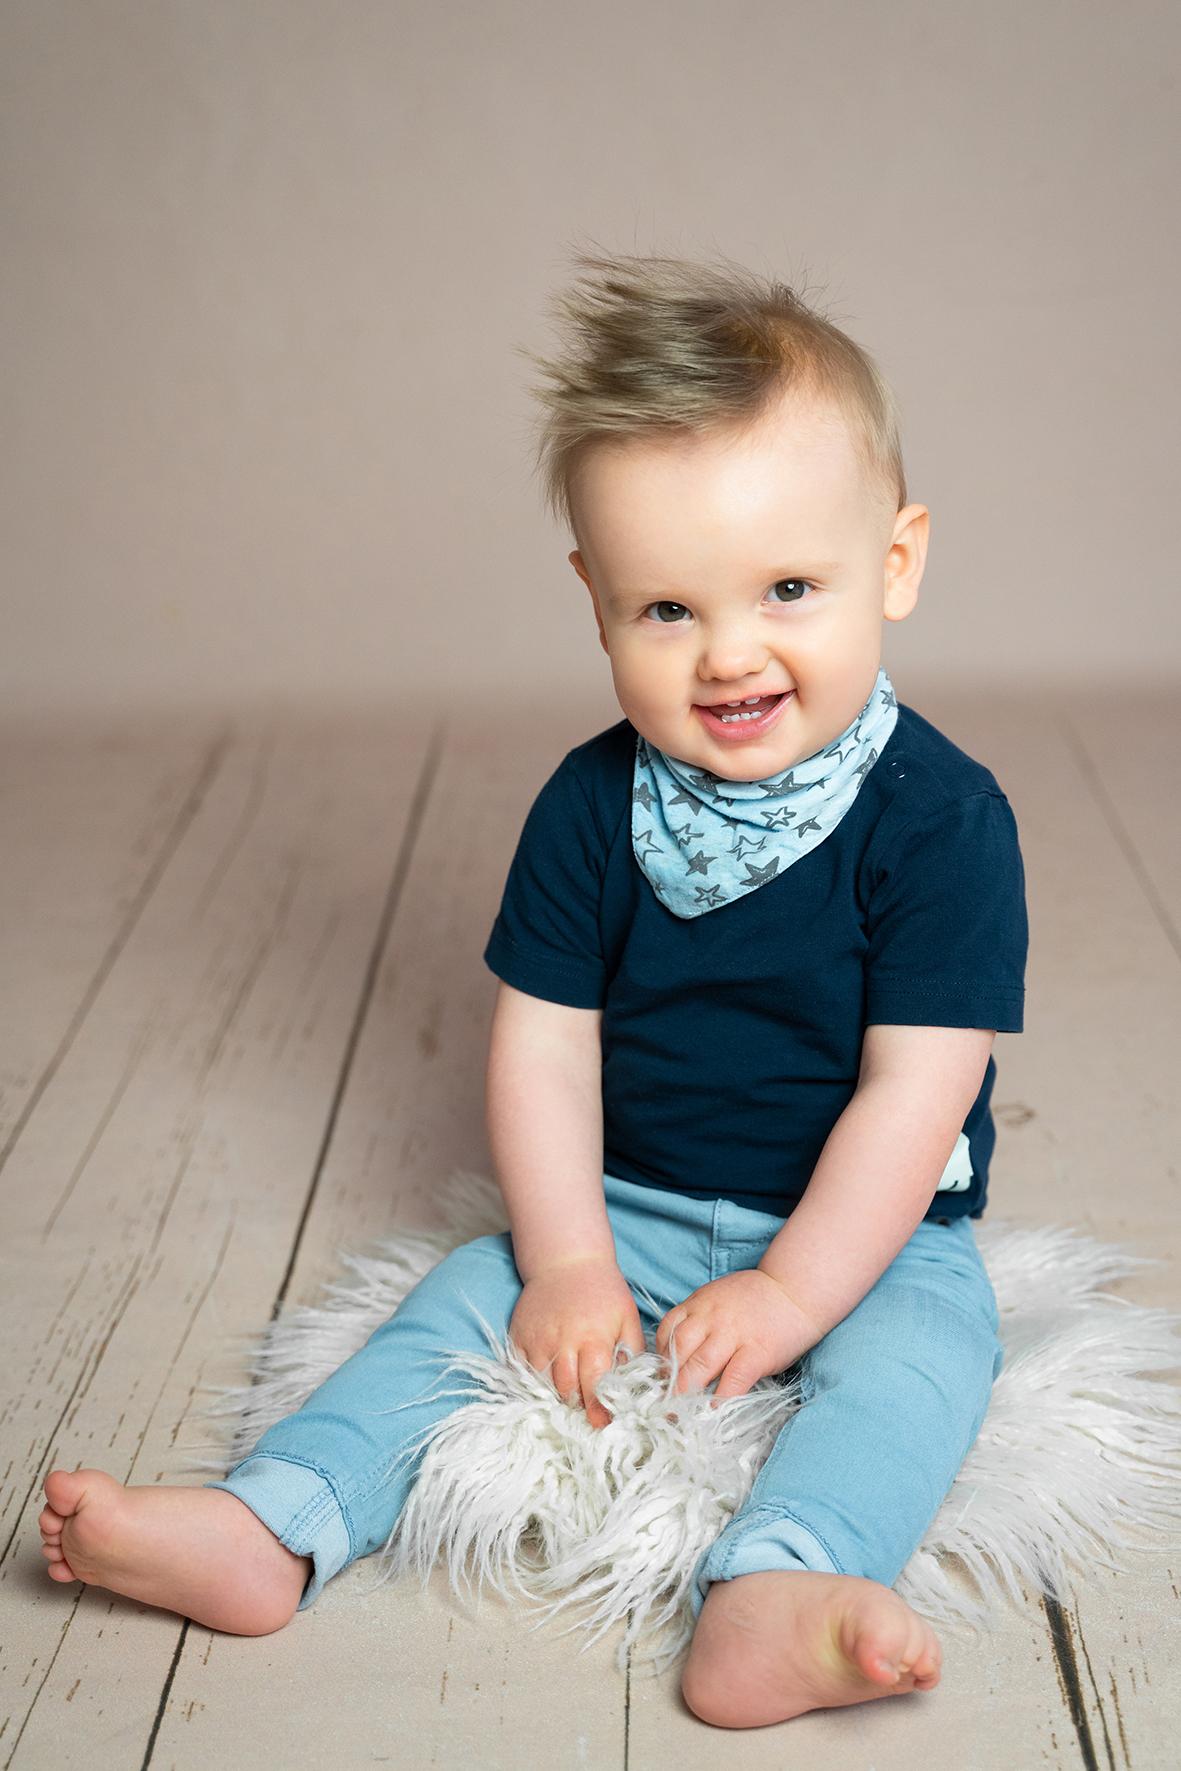 Fotostudio Vechta und Cloppenburg Babyfotografie und Familienbilder in schlichtem Setting